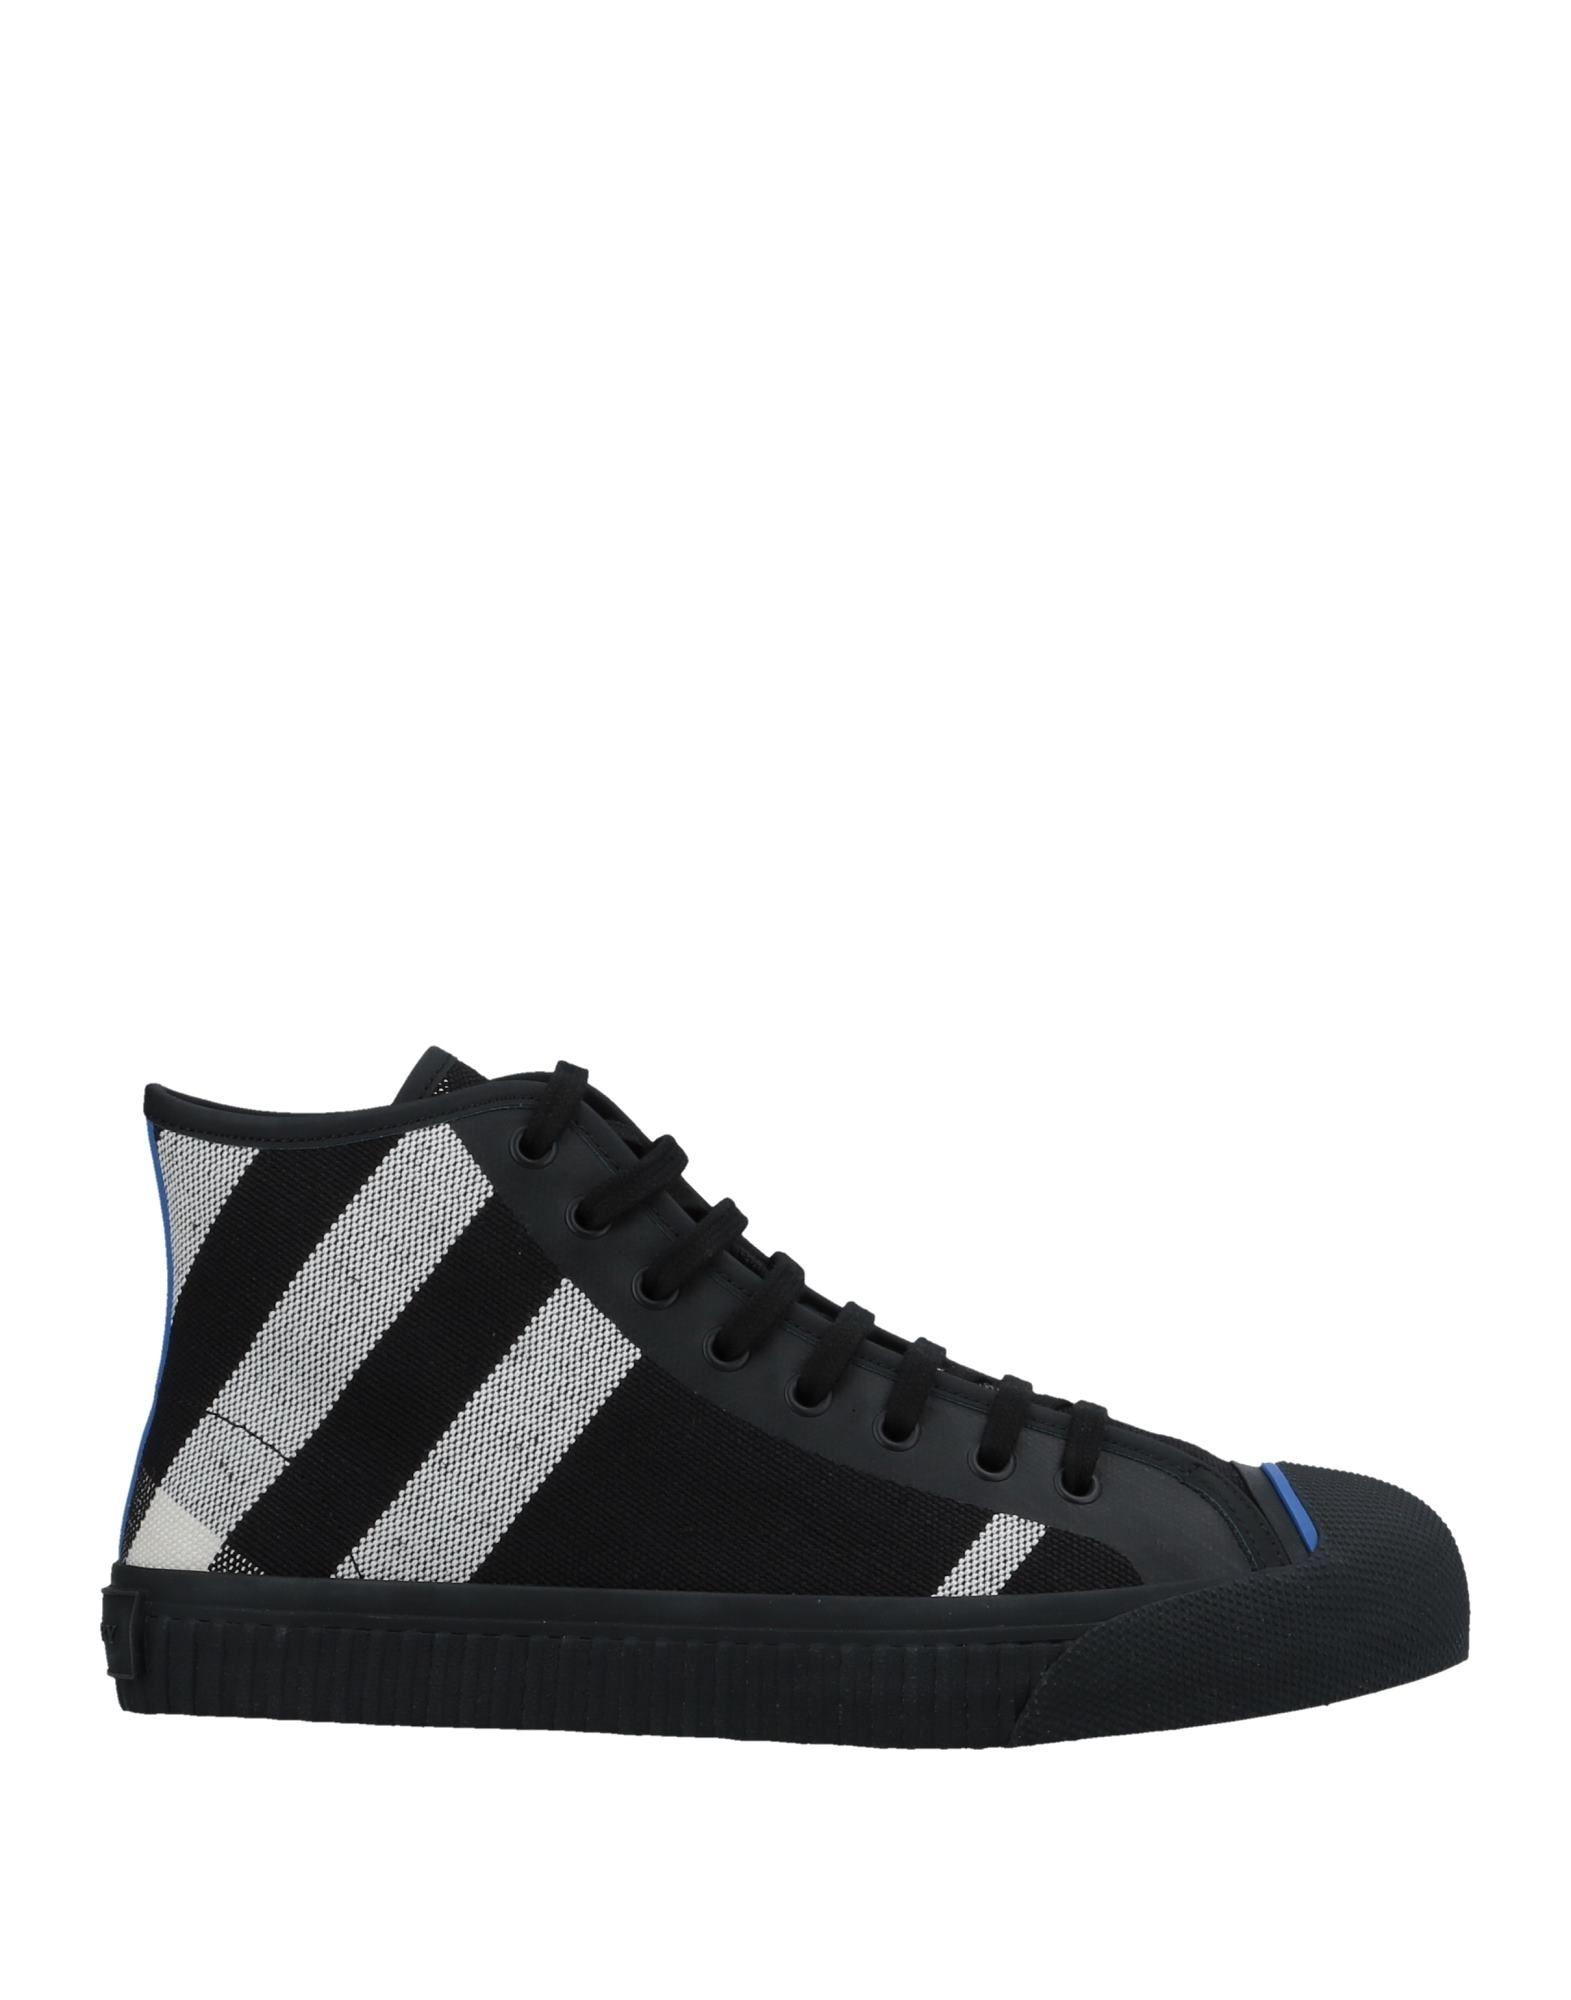 Burberry Sneakers Herren Herren Herren  11510266XJ Gute Qualität beliebte Schuhe c0e191